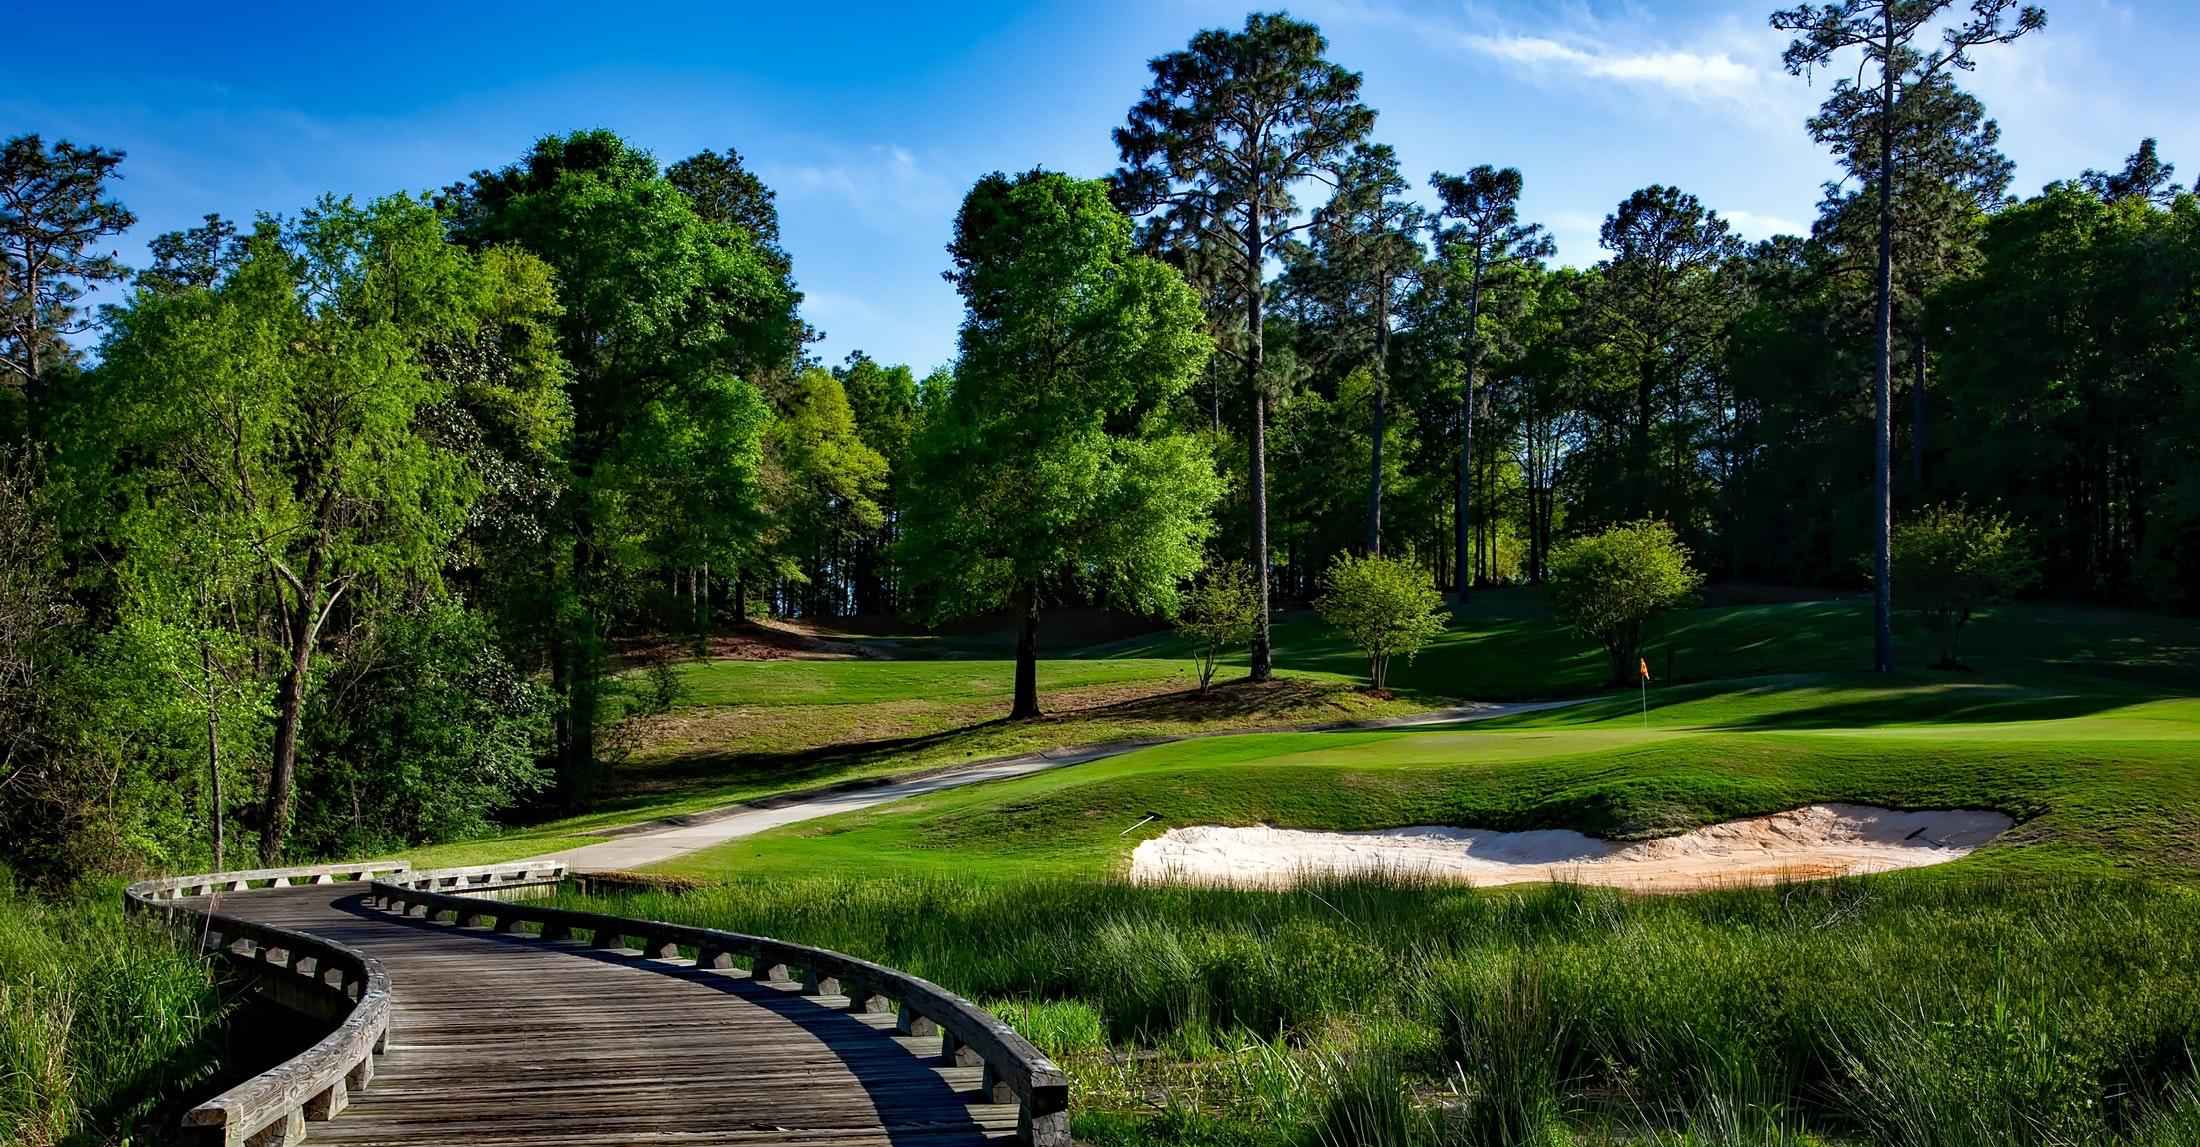 Sports - PGA TOUR - Golf